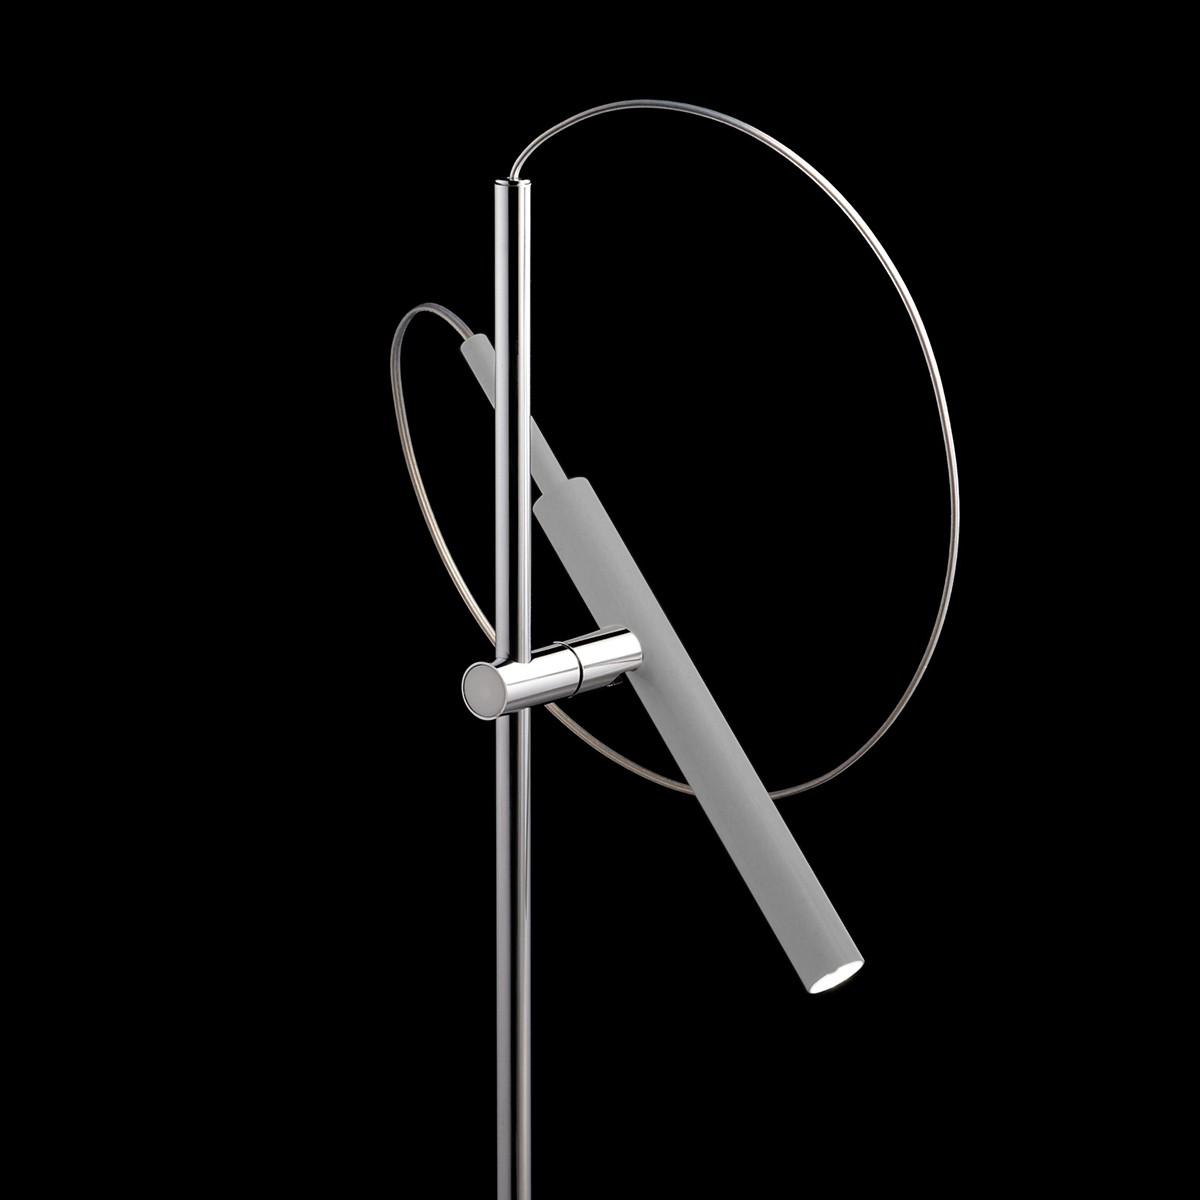 LDM Eccoled Flamingo Tablo Tischleuchte, Aluminium gebürstet, natur eloxiert